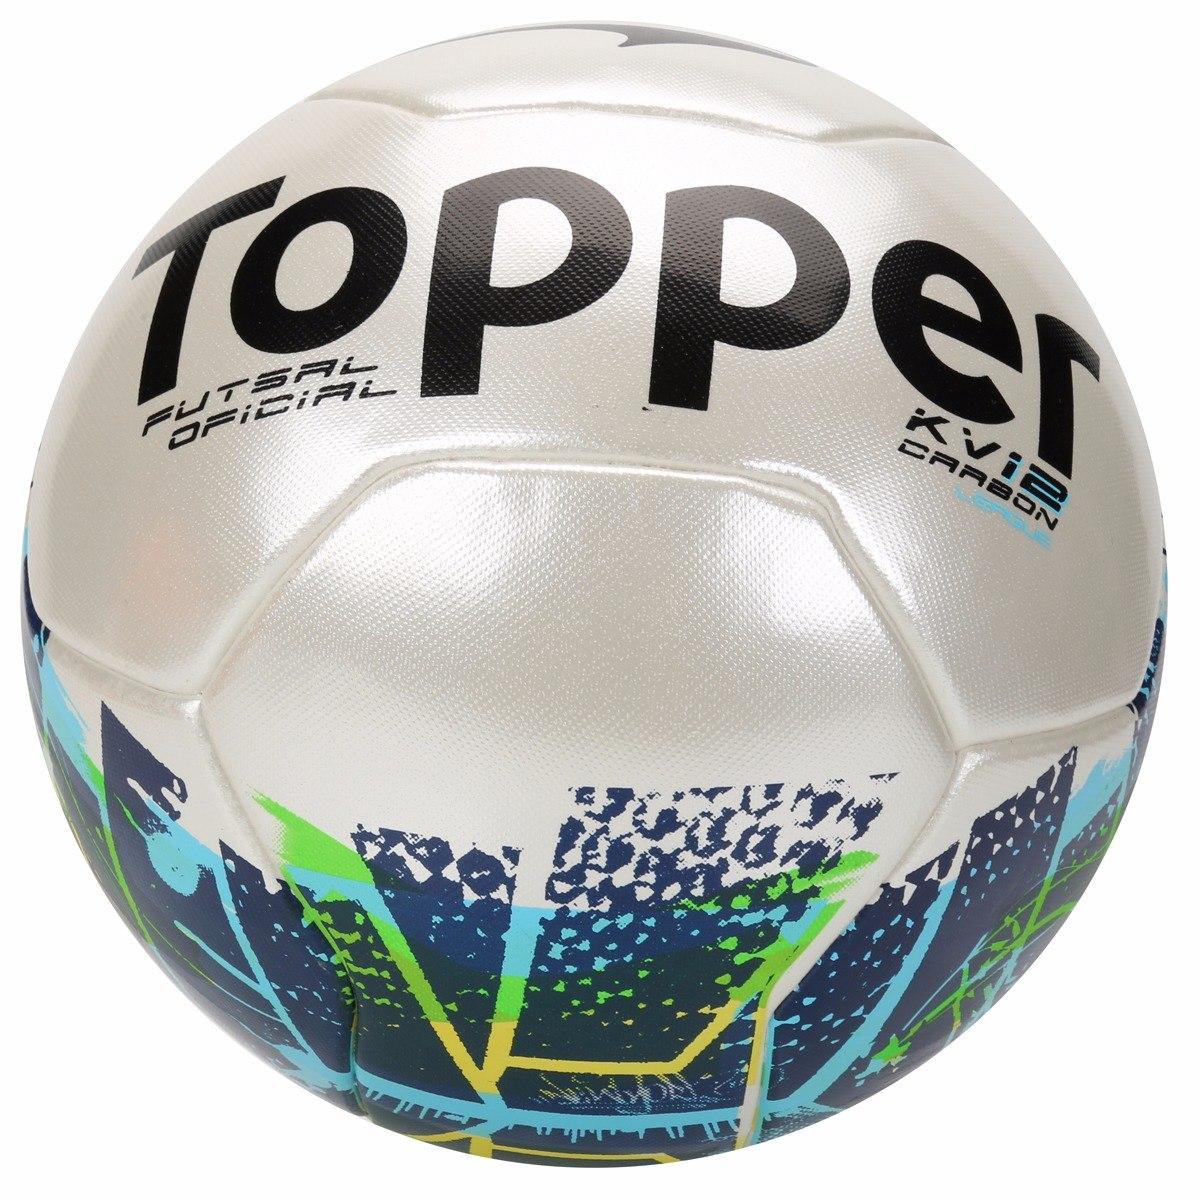 89668286397a5 Bola Futsal Topper Kv Carbon League 2 - R$ 99,90 em Mercado Livre